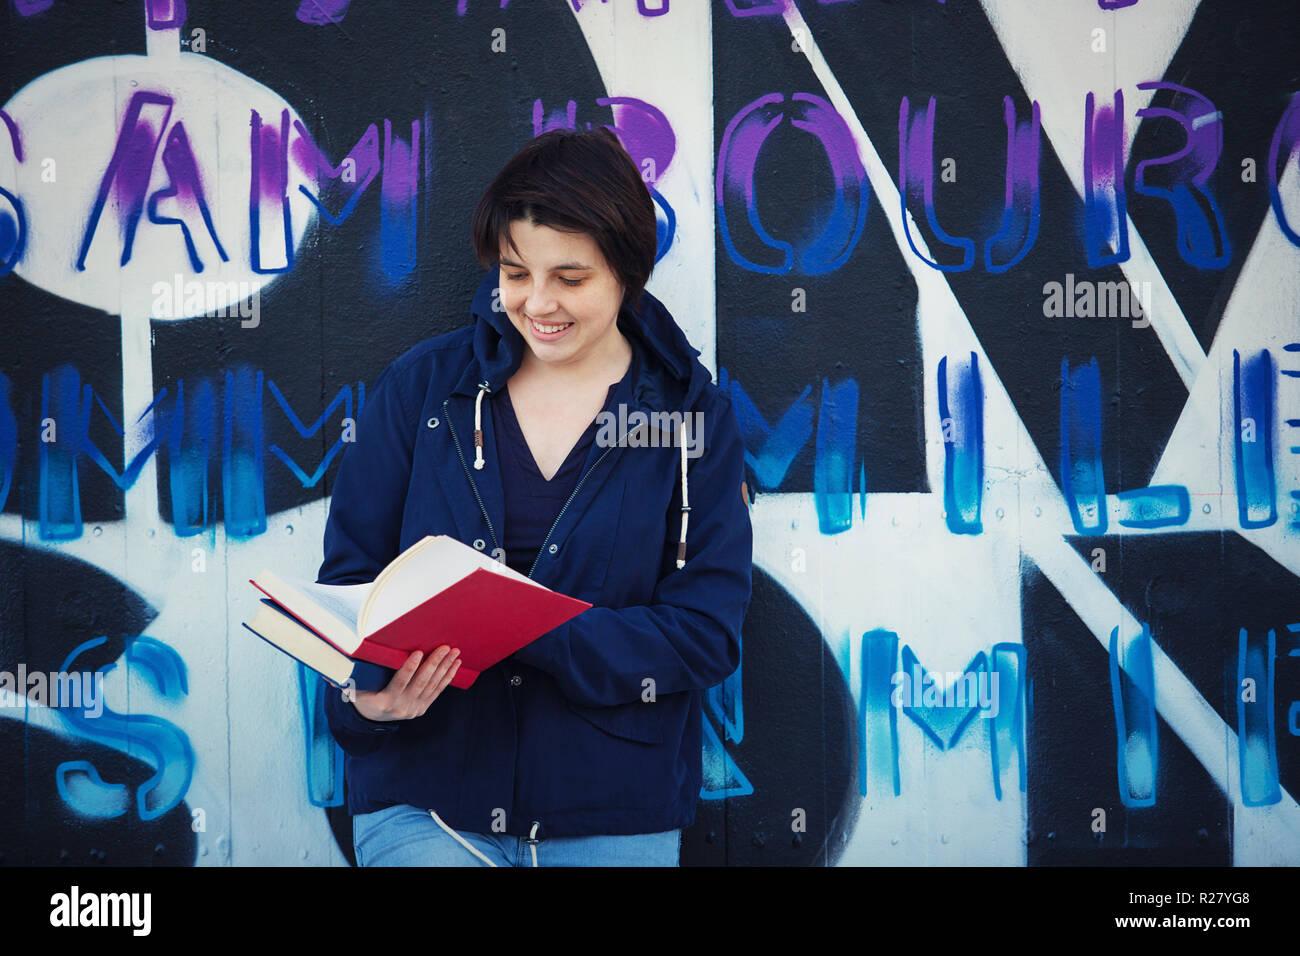 Casual mujer feliz libro de lectura del estudiante, el estilo de vida al aire libre retrato reclinado hacia atrás sobre Graffiti Wall fondo. Concepto de educación, Street art. Foto de stock